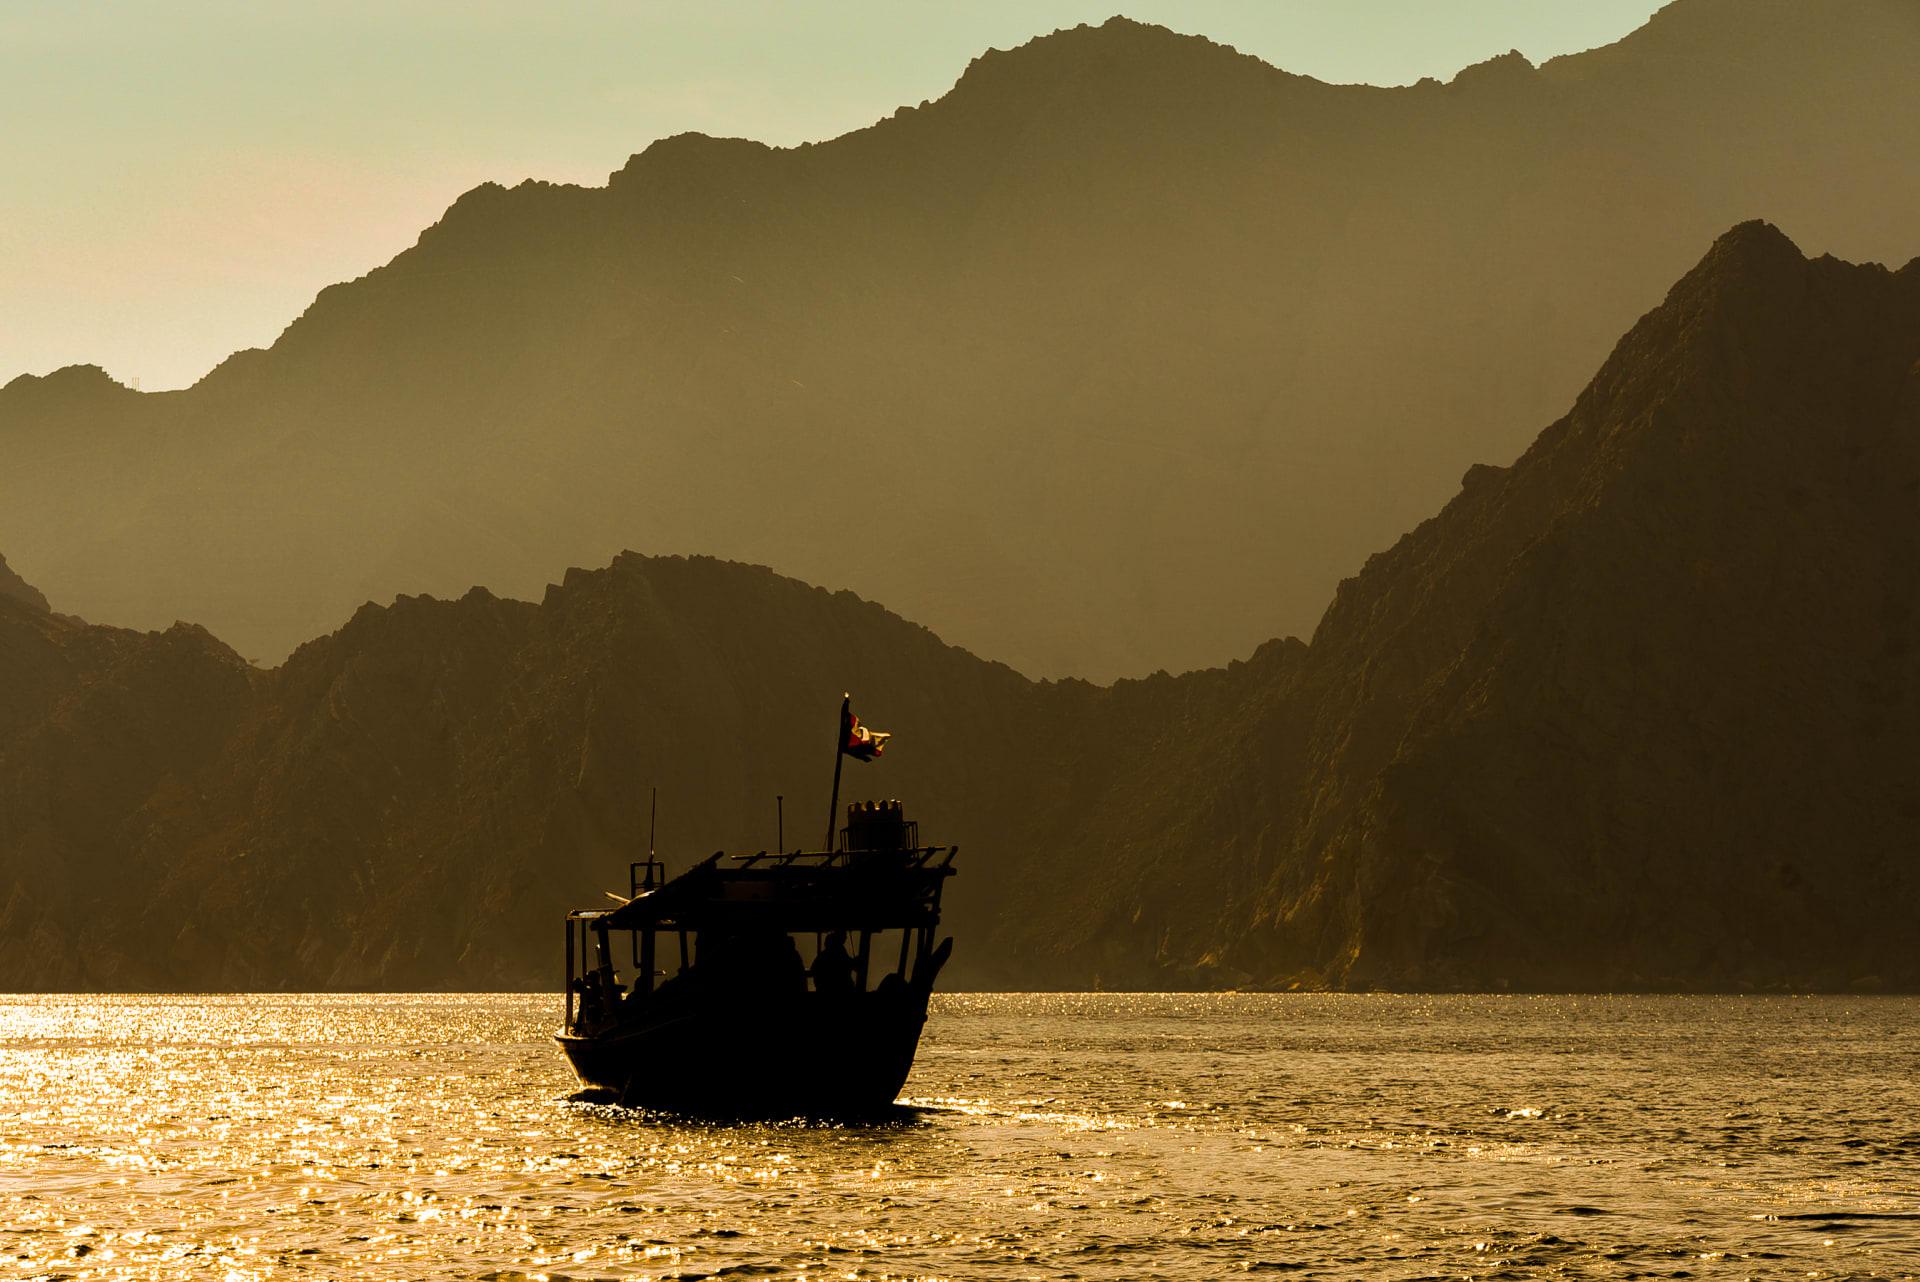 حيث تلتقي الجبال مع المياه الصافية.. تعرف على هذه المحافظة العمانية الخلابة المنفصلة عن بقية البلاد